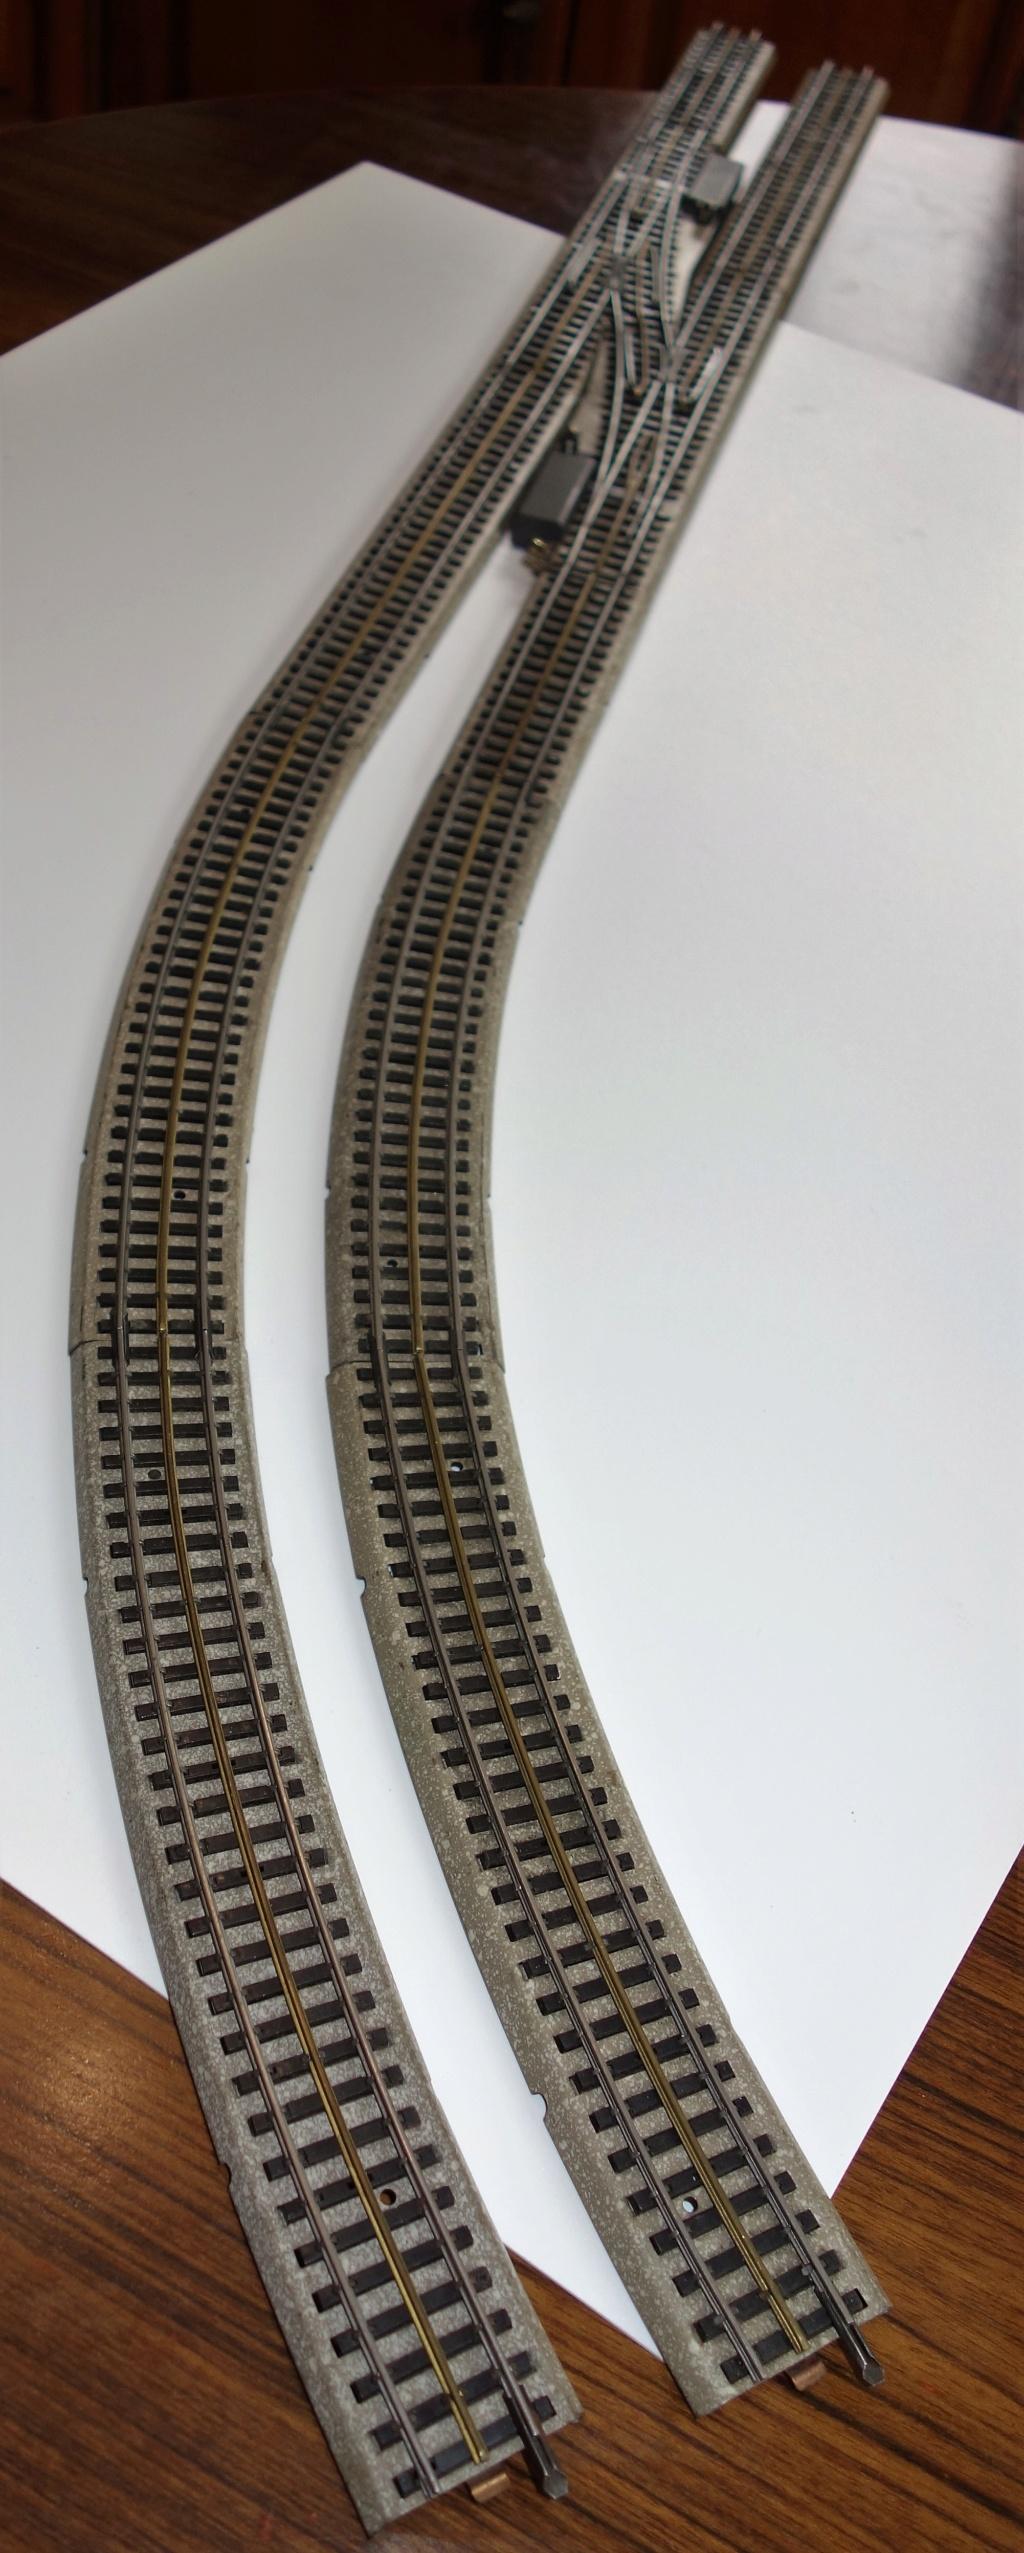 Voies Märklin anciennes et voie VB Trois rails - Page 3 Dsc01529